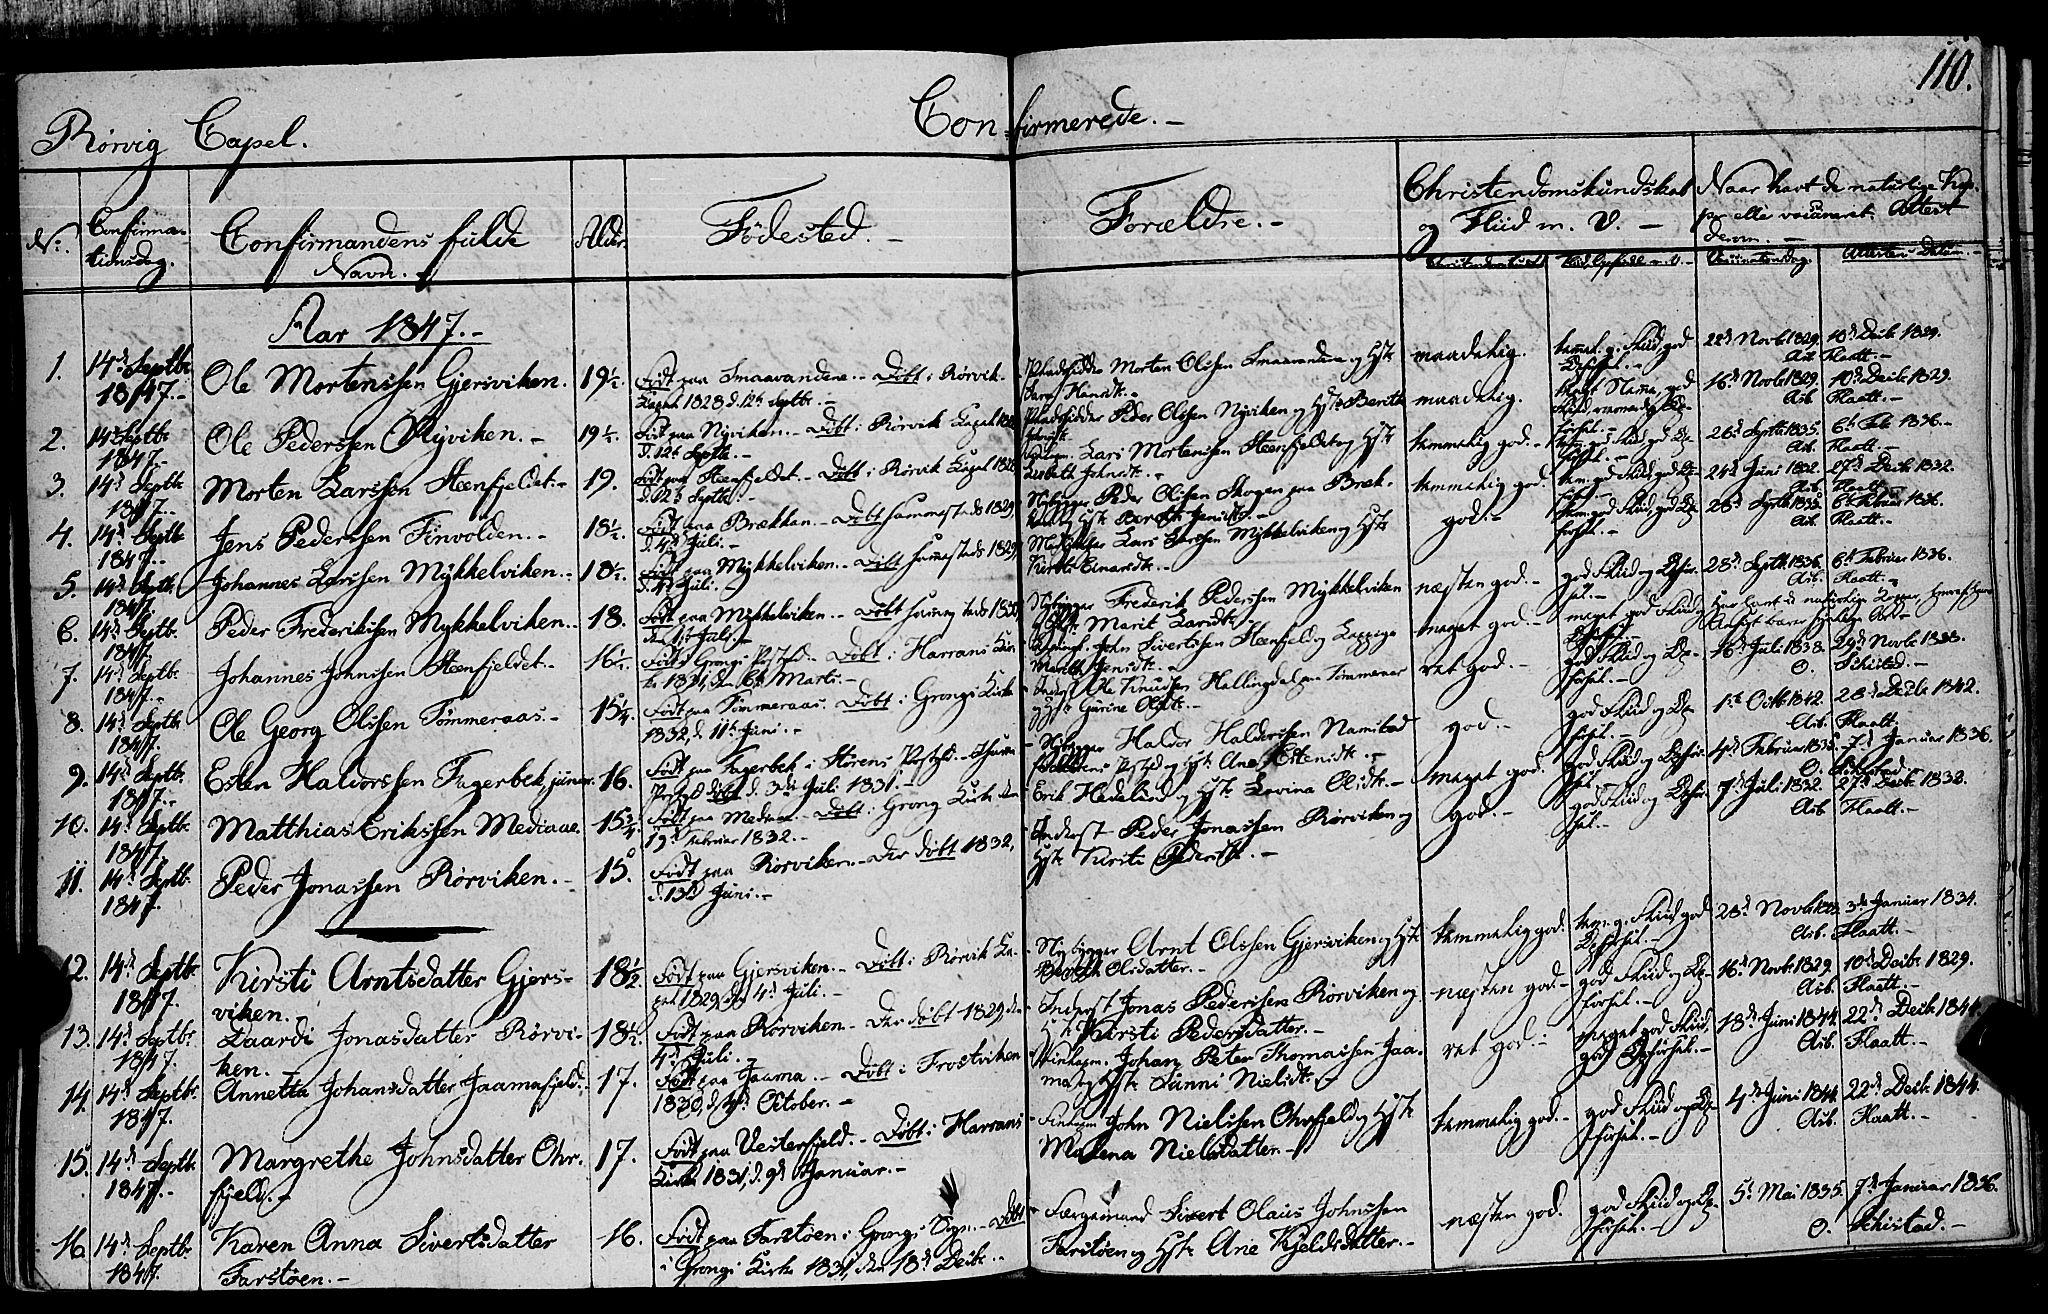 SAT, Ministerialprotokoller, klokkerbøker og fødselsregistre - Nord-Trøndelag, 762/L0538: Ministerialbok nr. 762A02 /1, 1833-1879, s. 110